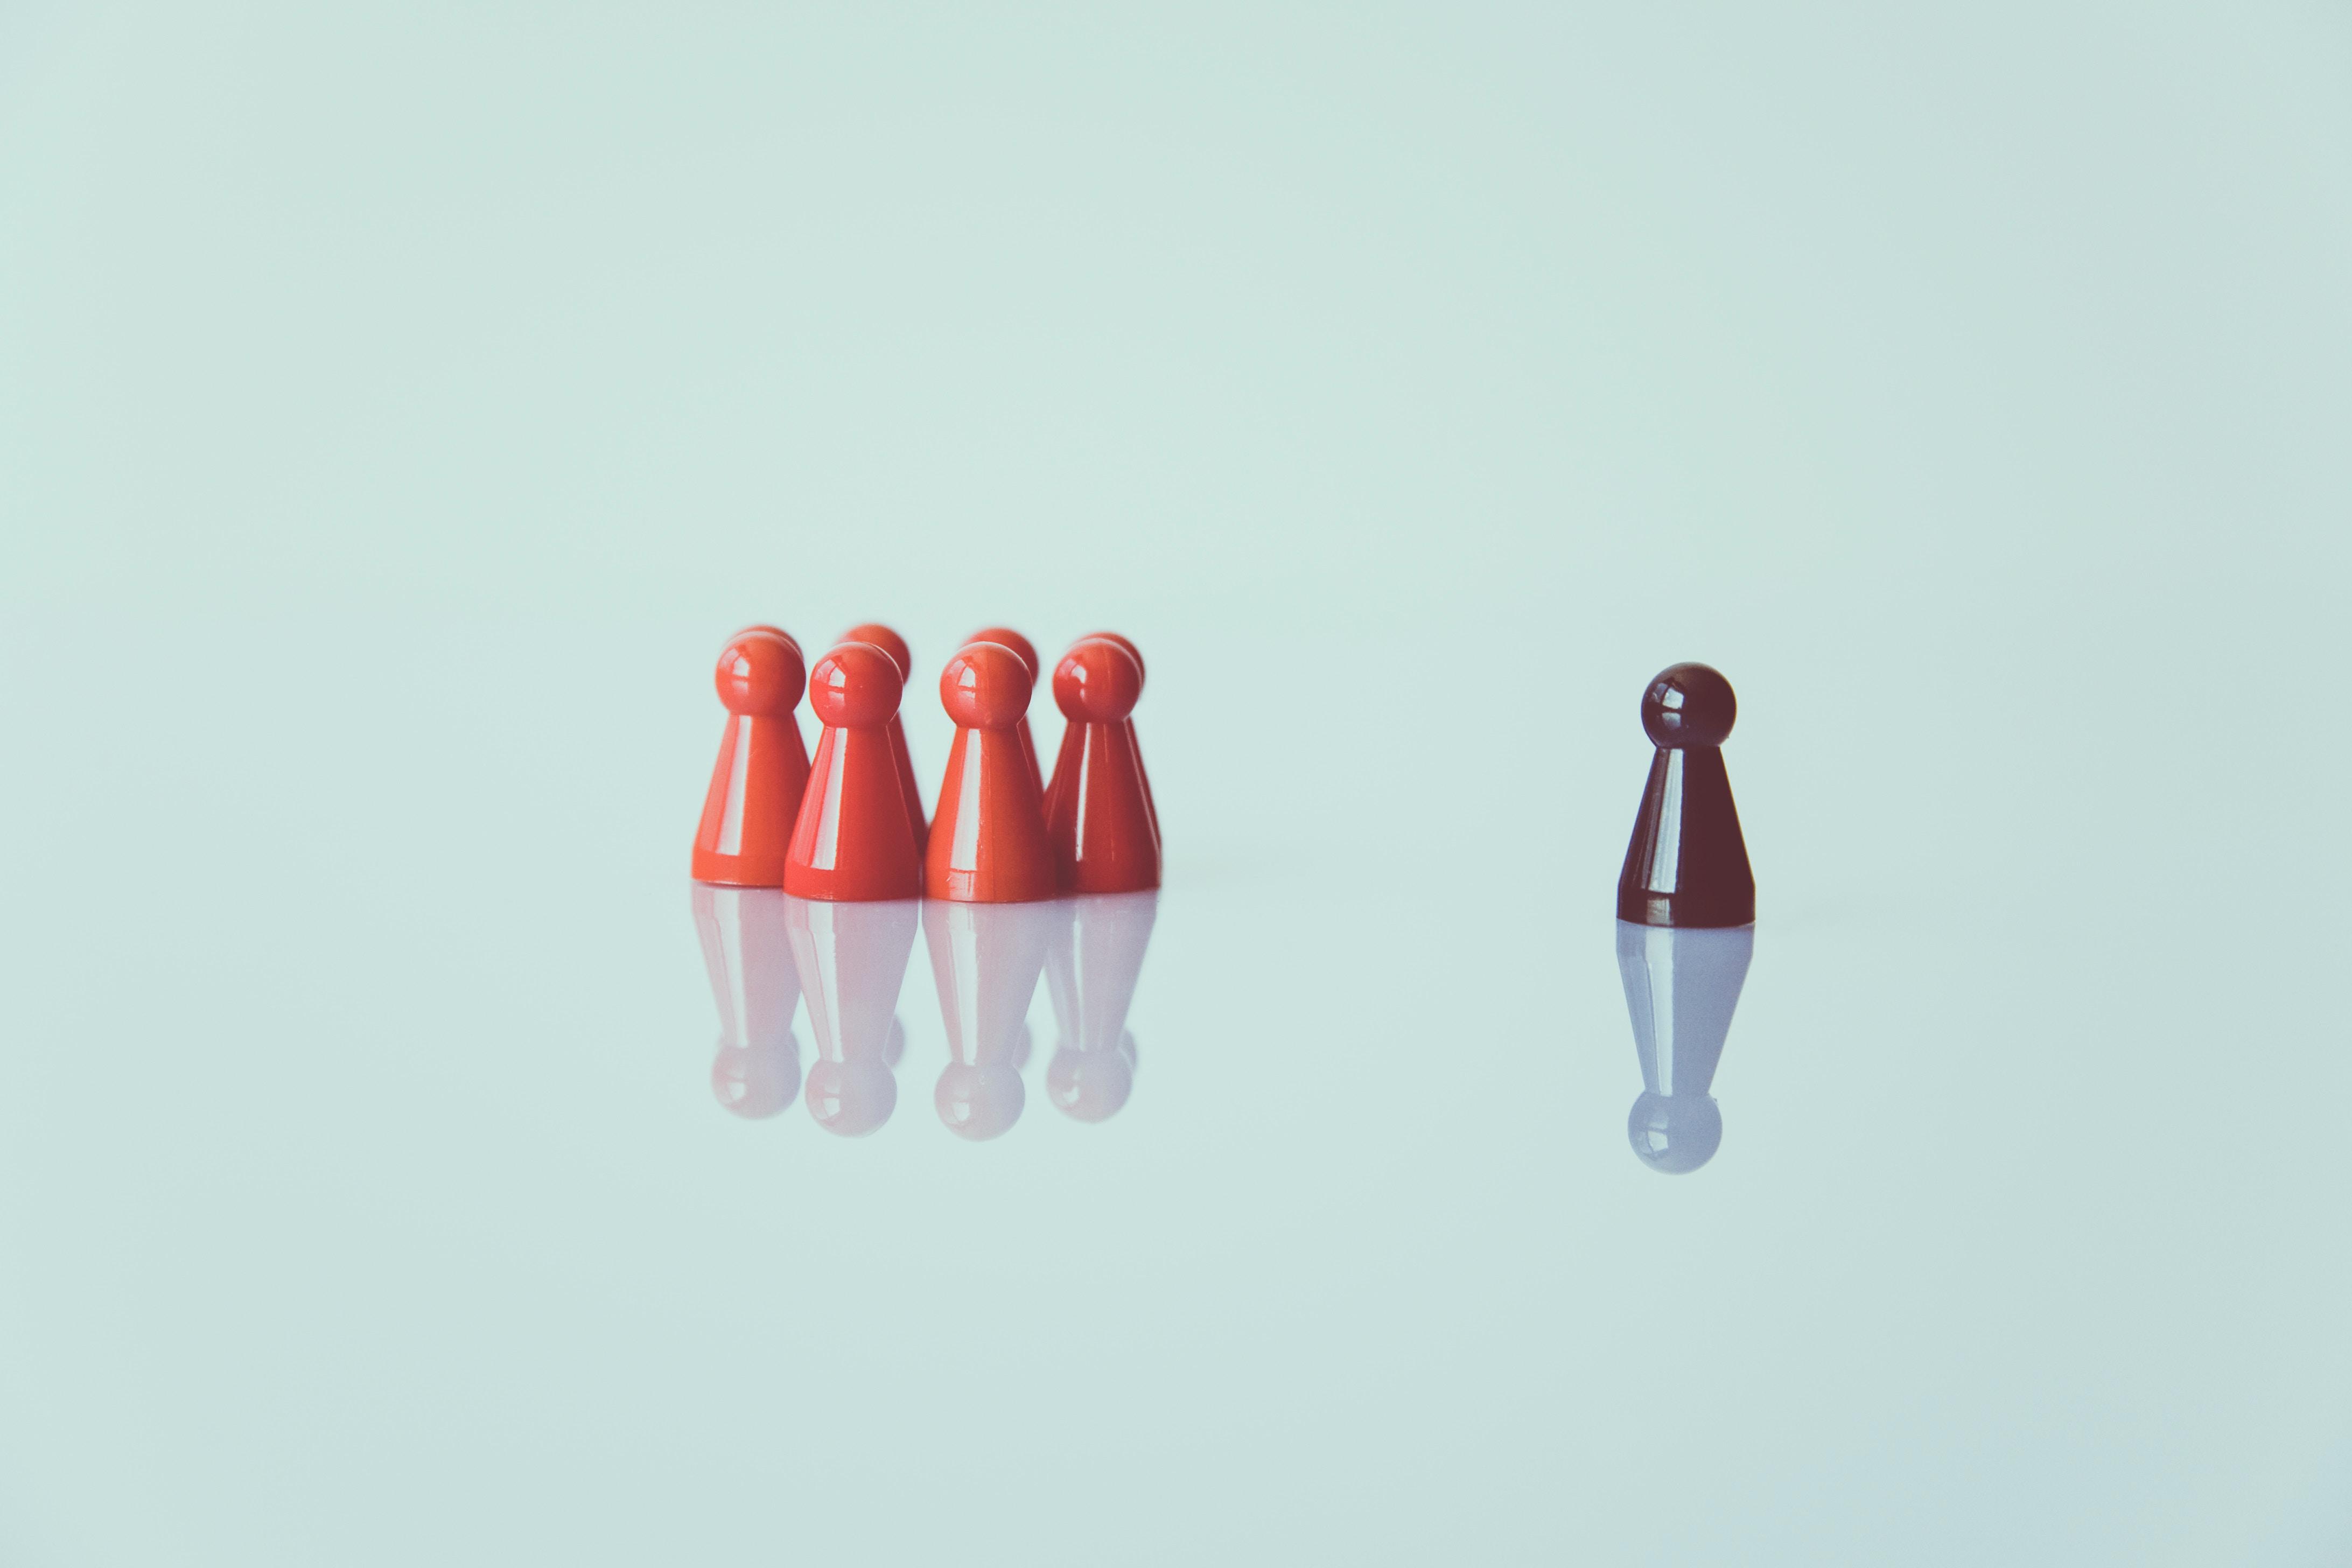 企业能否成功,用人很关键。